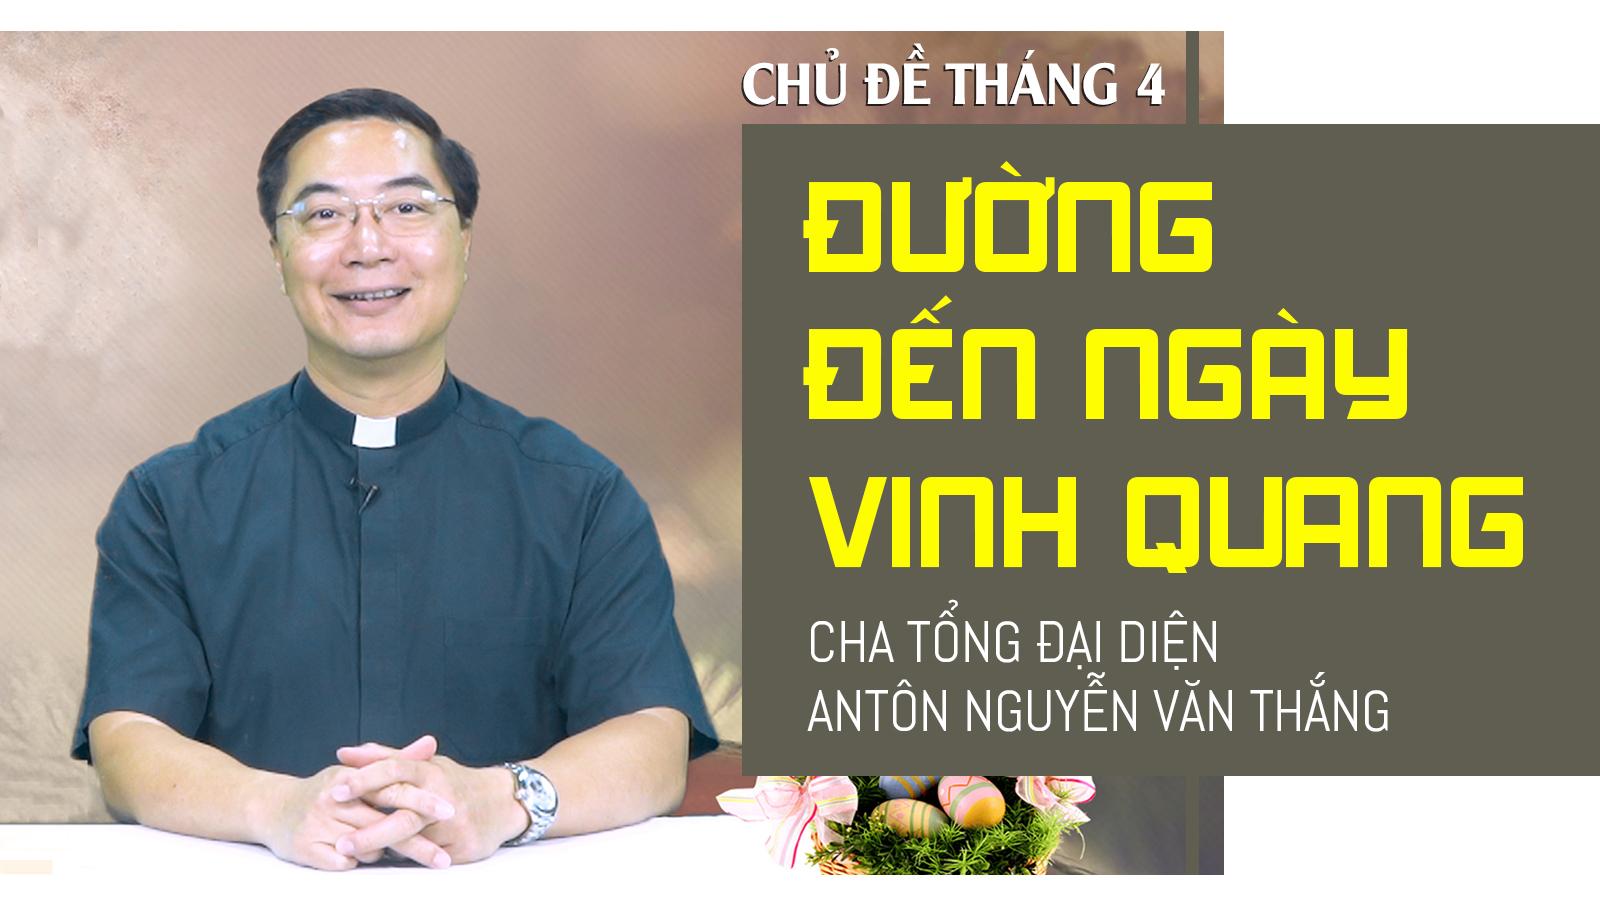 ĐƯỜNG ĐẾN NGÀY VINH QUANG | Cha Tổng Đại Diện Antôn Nguyễn Văn Thắng nói với người trẻ trong chủ đề tháng 4-2021